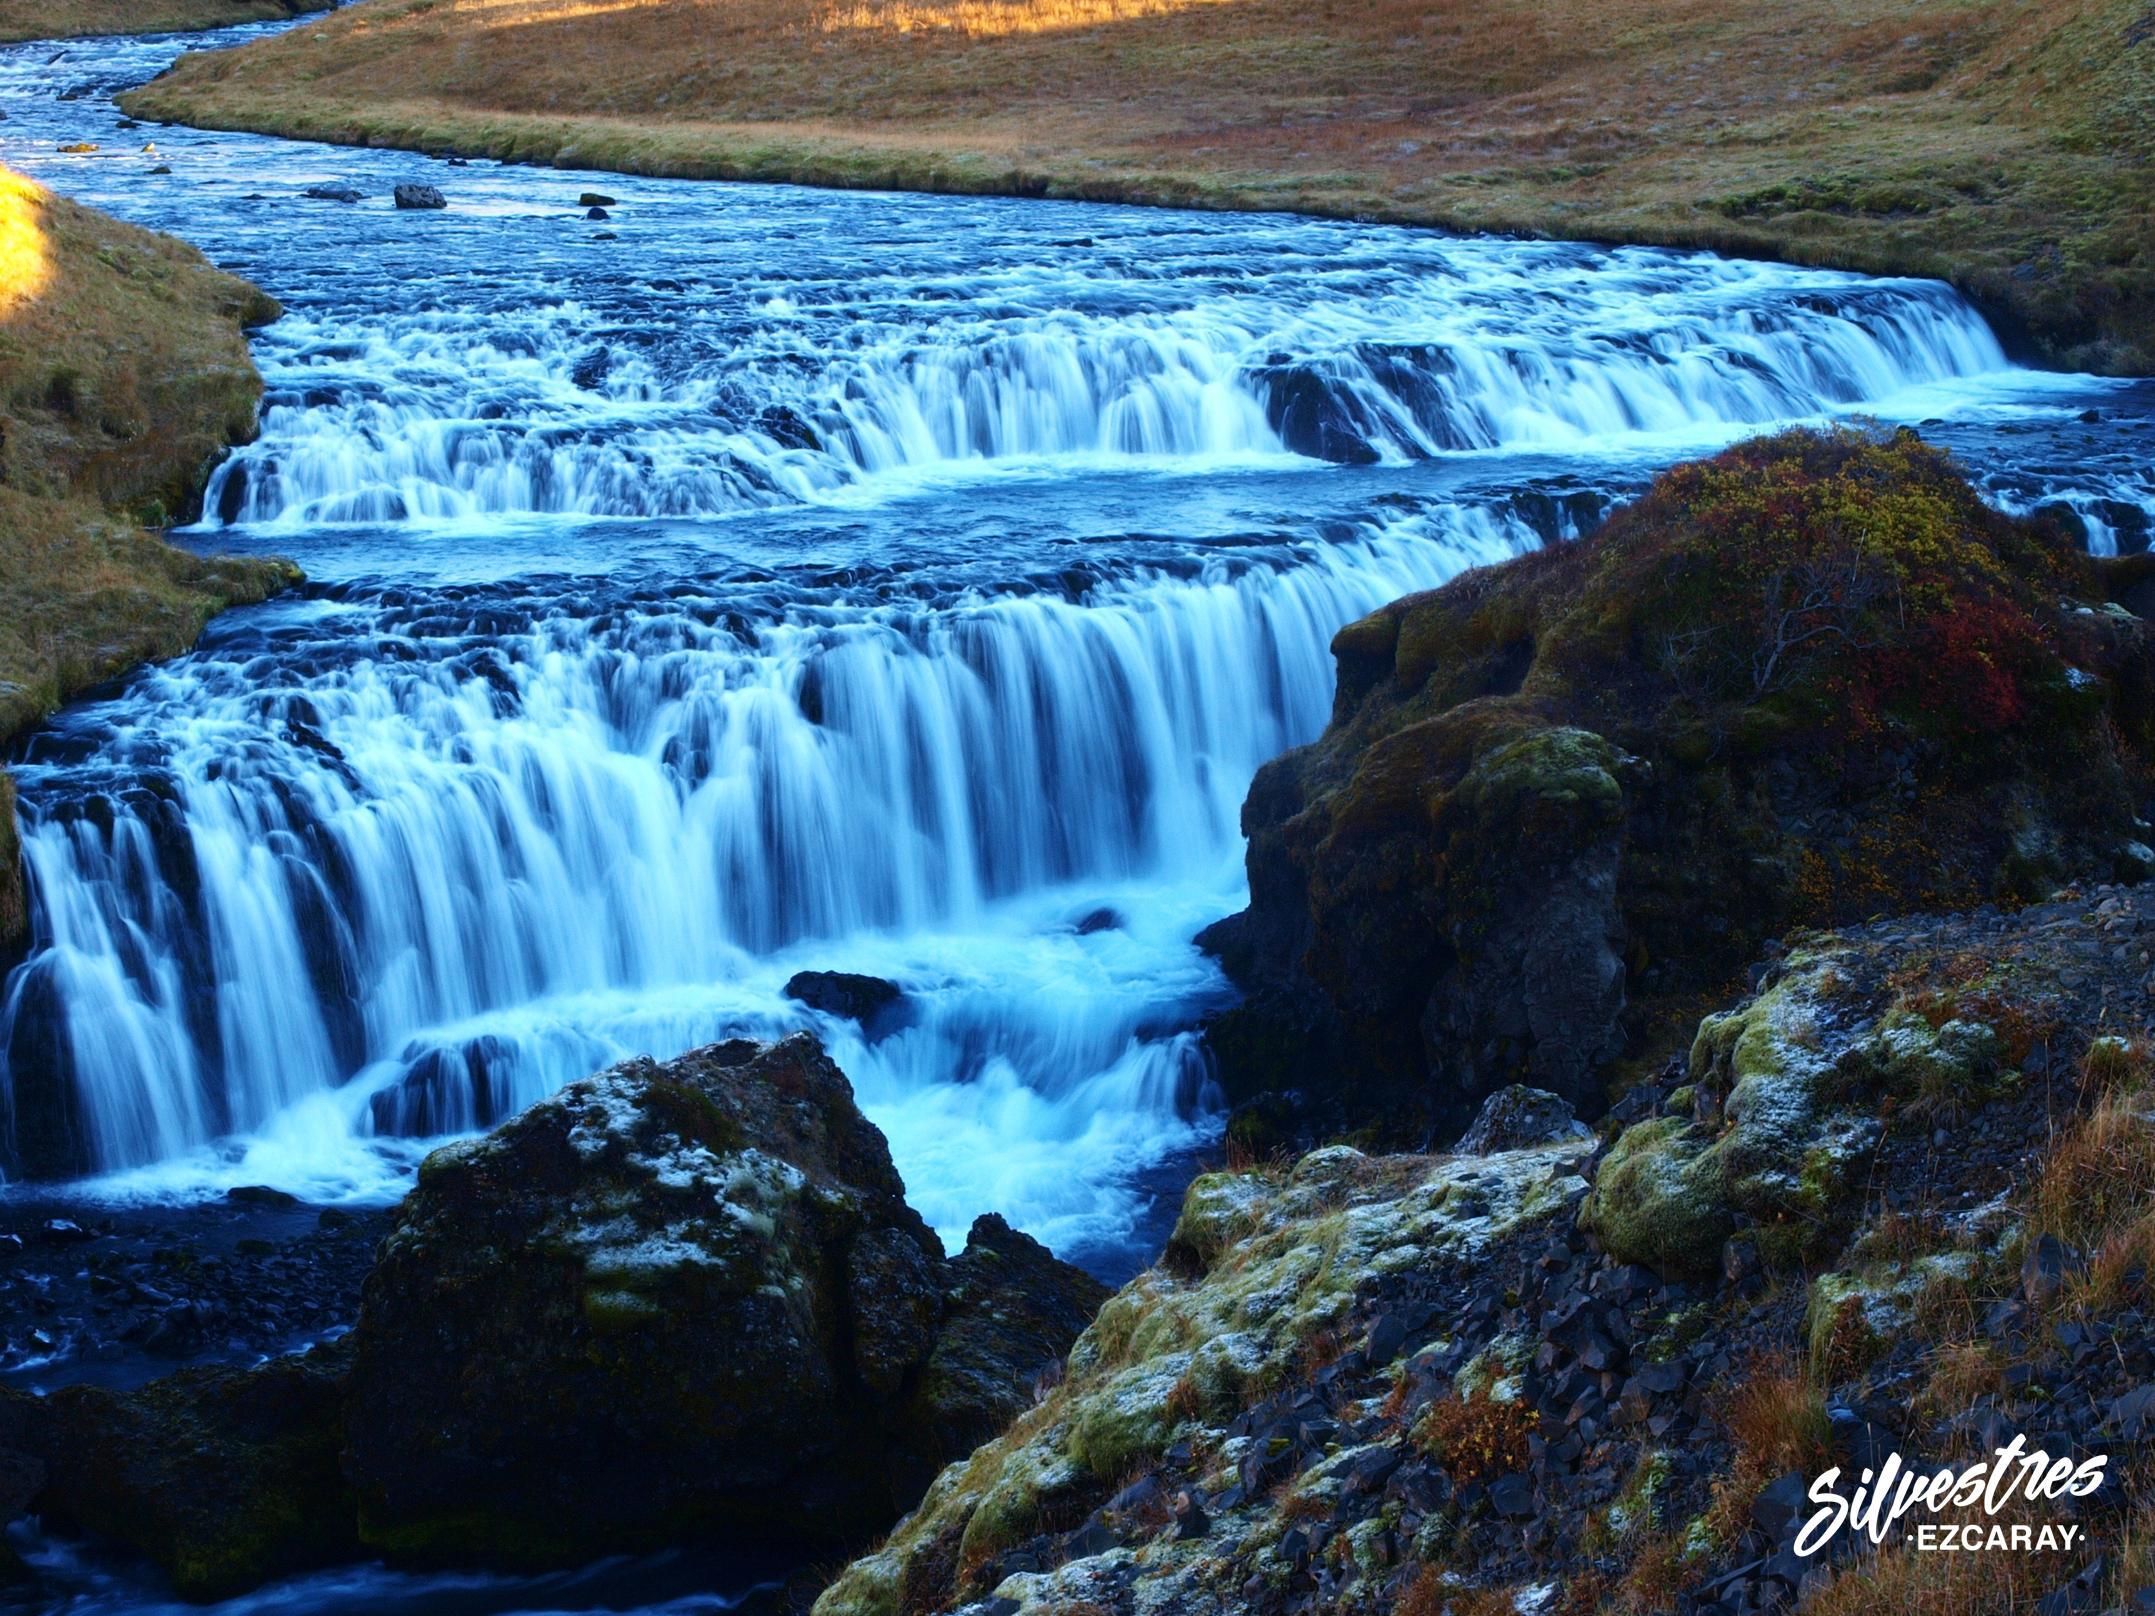 agua_rios_desfiladeros_cañones_cascadas_islandia